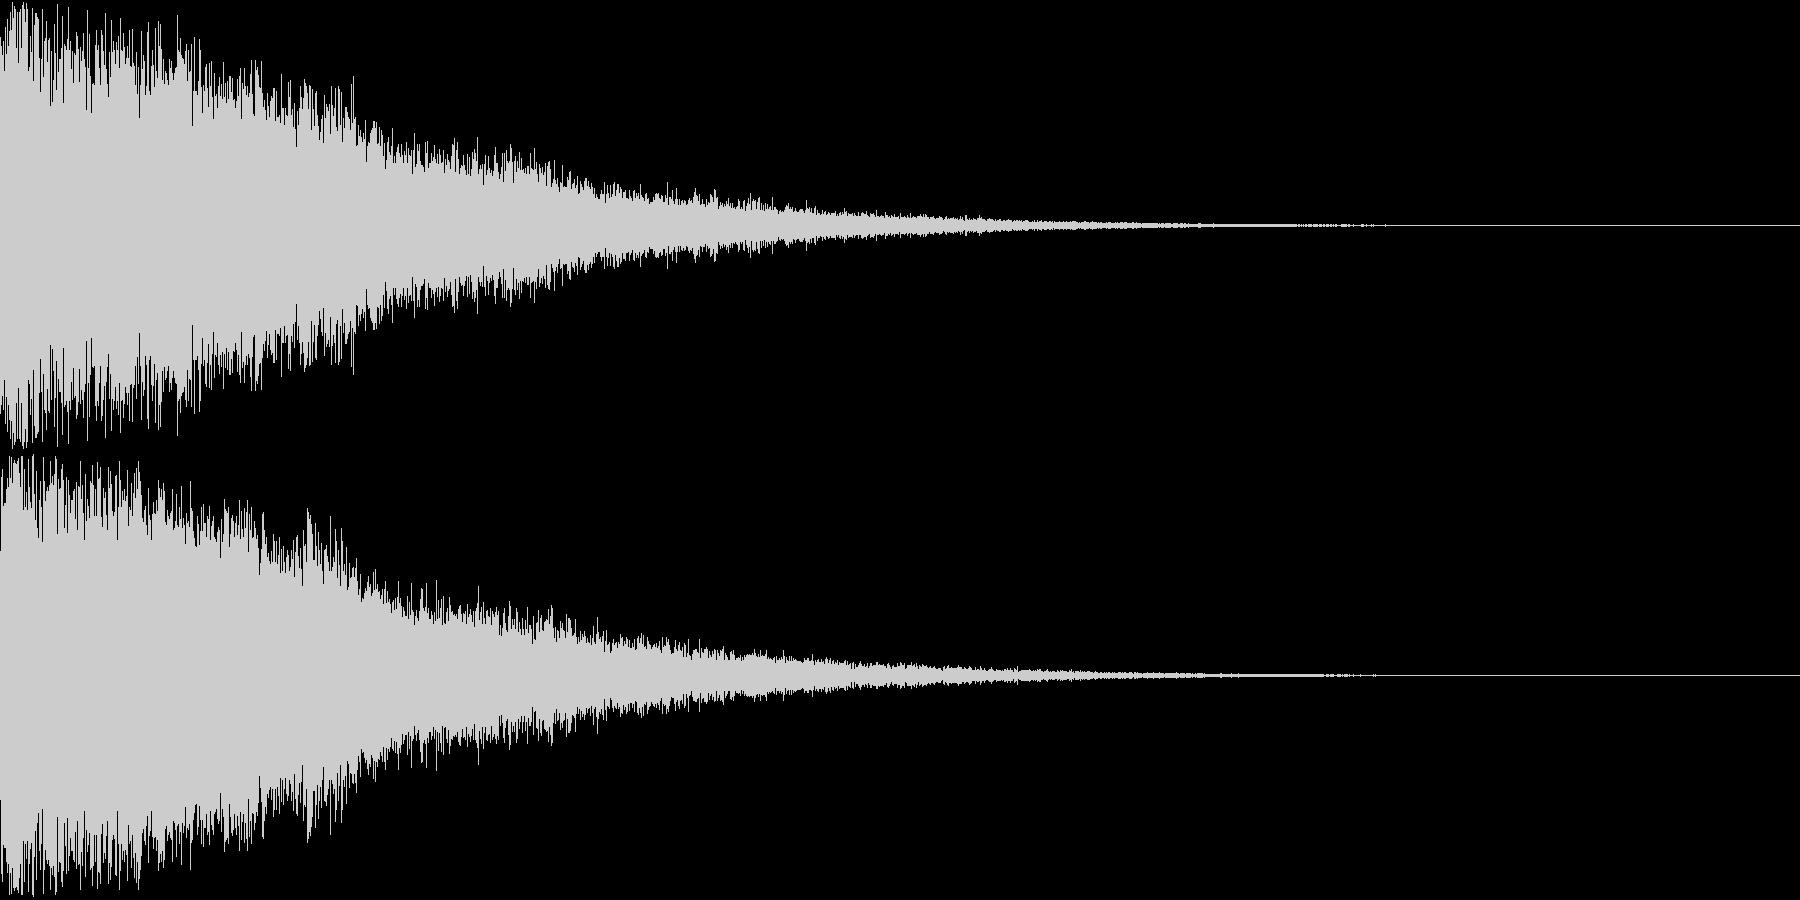 刀 剣 ソード カキーン キュイーン19の未再生の波形